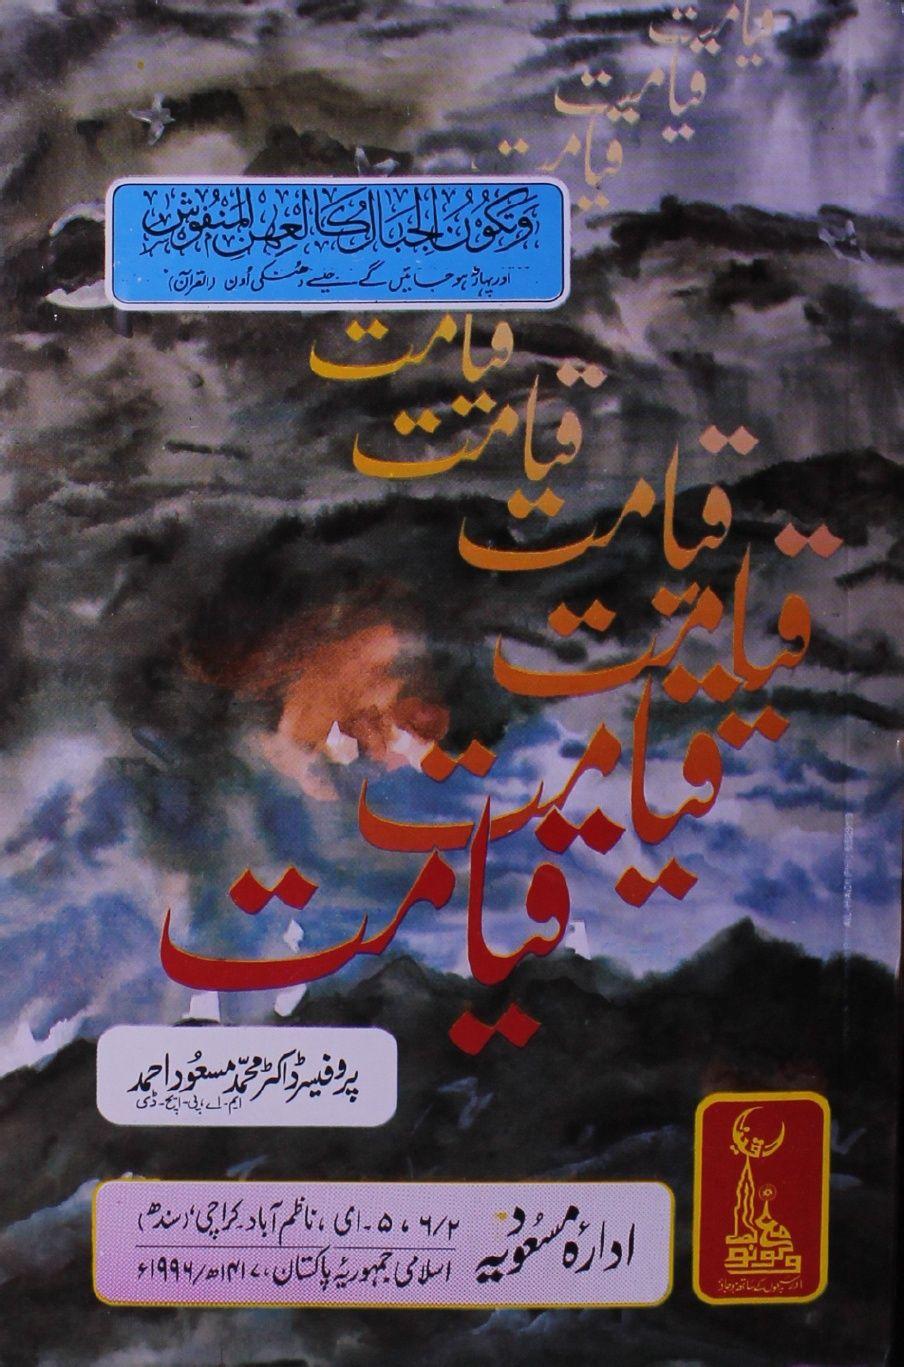 Qayamat Islamic pictures, Urdu, Pictures